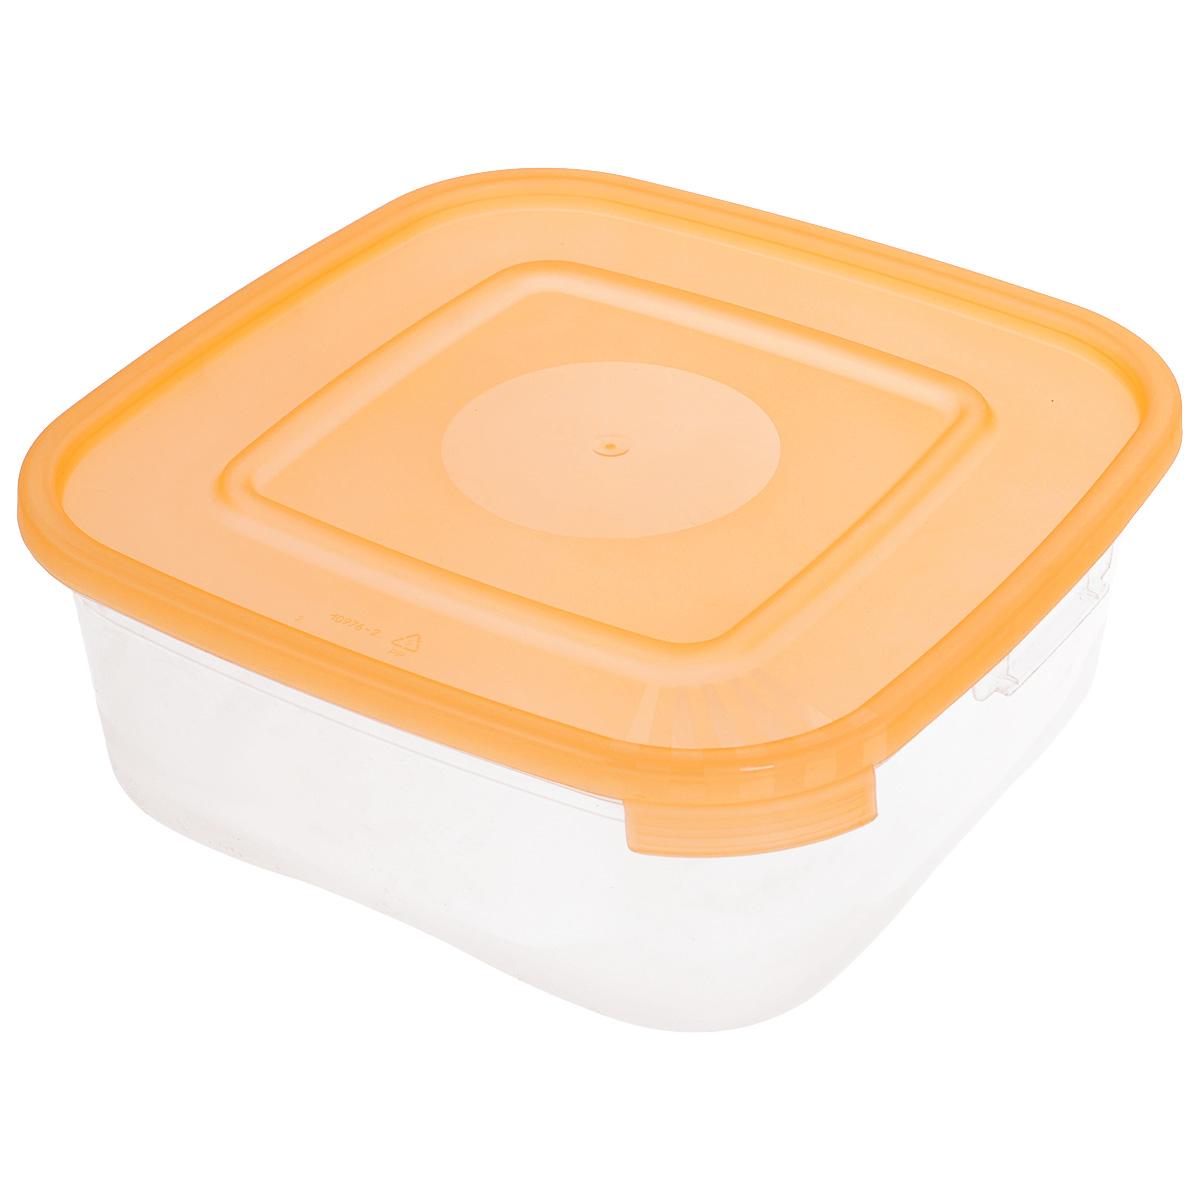 Контейнер Полимербыт Каскад, цвет: прозрачный, оранжевый, 1,4 лС680_оранжевыйКонтейнер Полимербыт Каскад квадратной формы, изготовленный из прочного пластика, предназначен специально для хранения пищевых продуктов. Крышка легко открывается и плотно закрывается. Контейнер устойчив к воздействию масел и жиров, легко моется. Прозрачные стенки позволяют видеть содержимое. Контейнер имеет возможность хранения продуктов глубокой заморозки, обладает высокой прочностью. Подходит для использования в микроволновых печах. Можно мыть в посудомоечной машине.